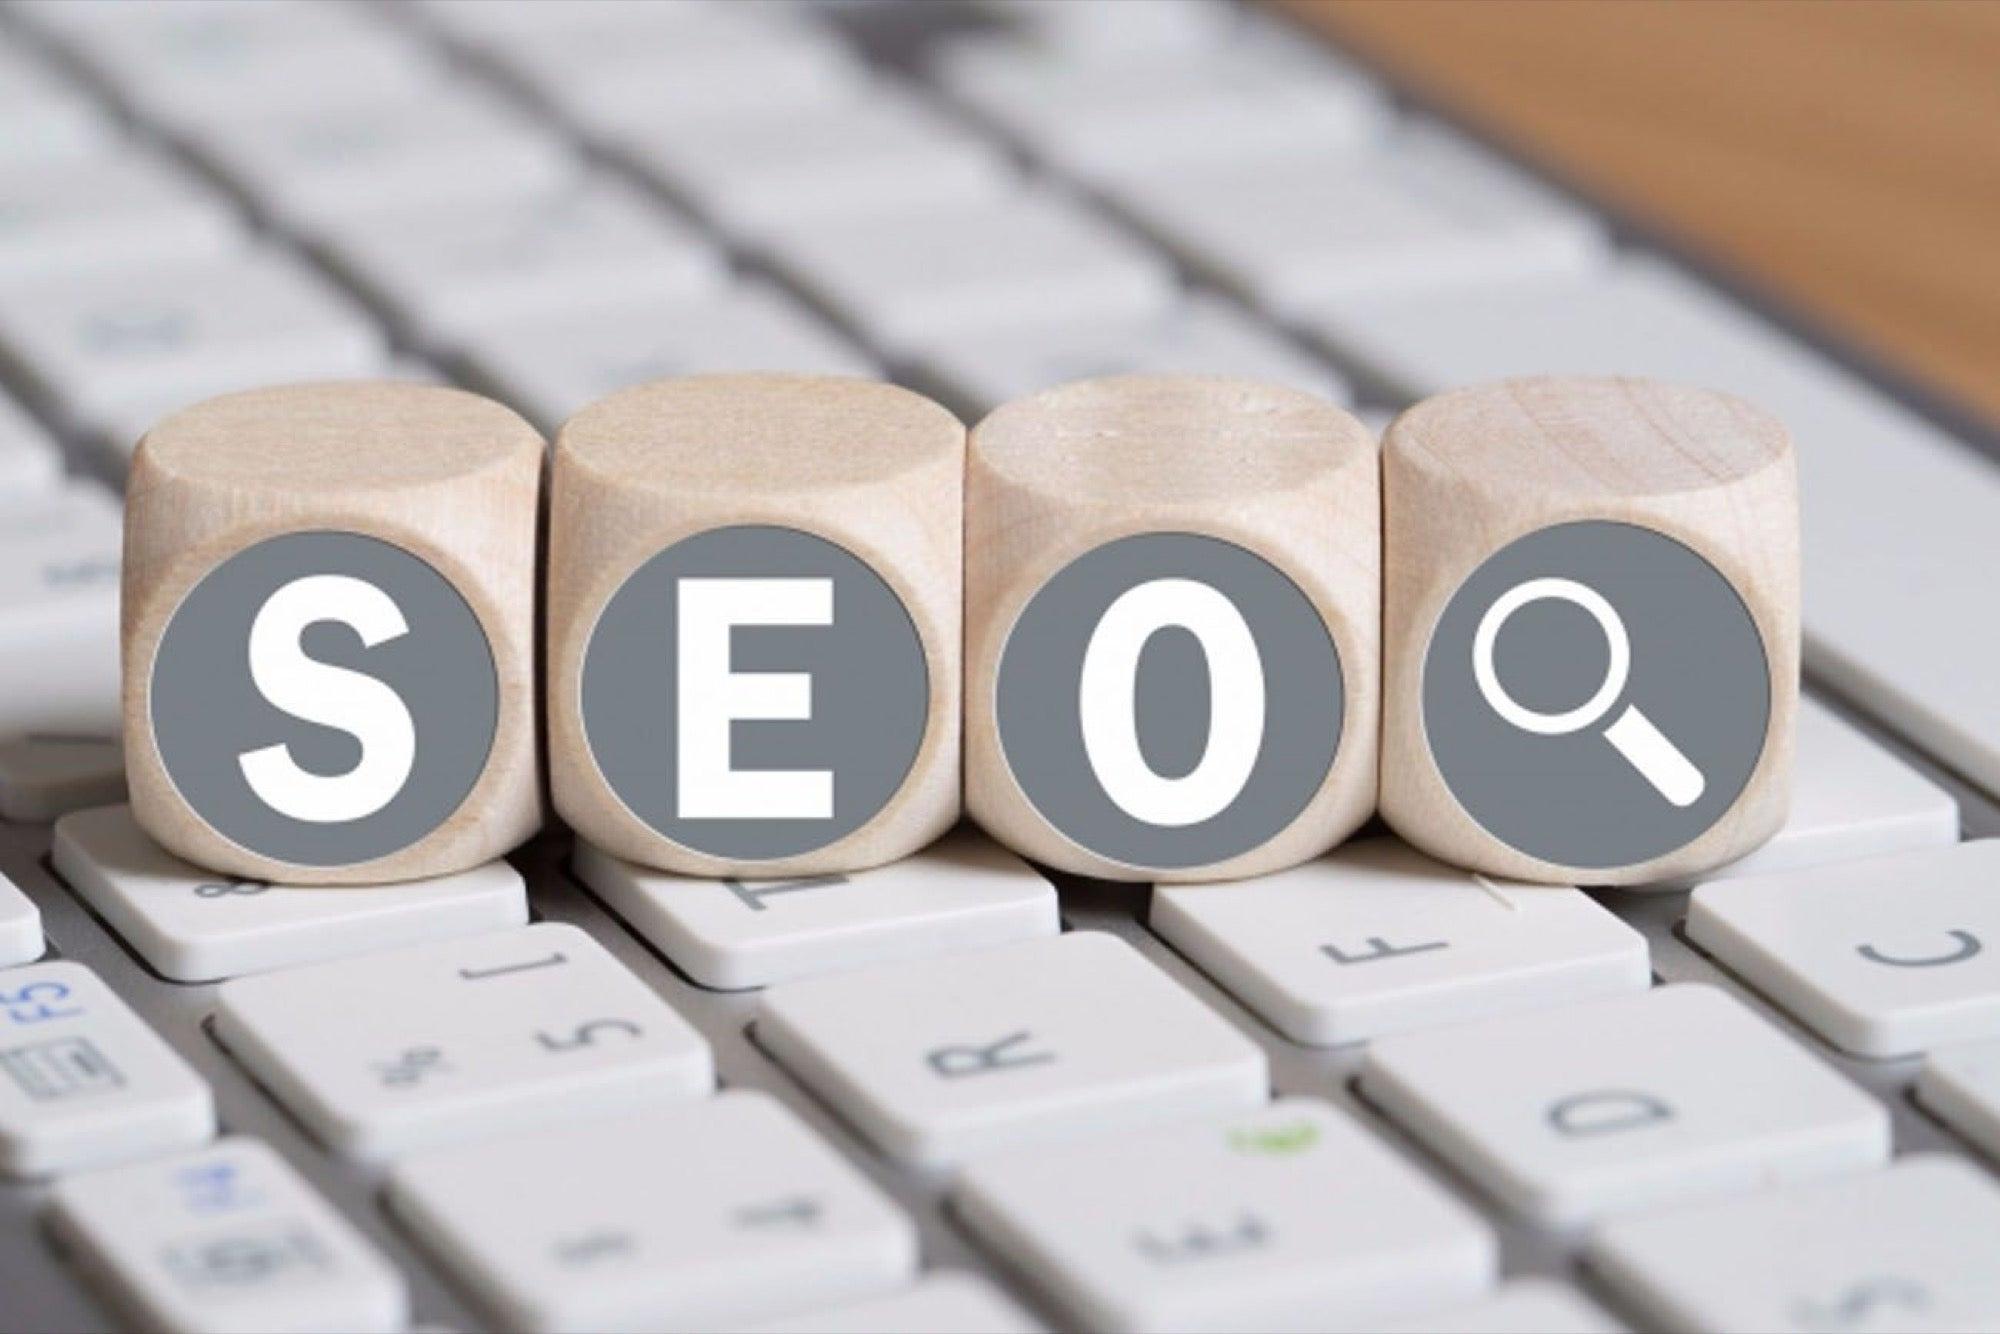 Dịch vụ SEO chuyên nghiệp sẽ làm gì để tối ưu thứ hạng?